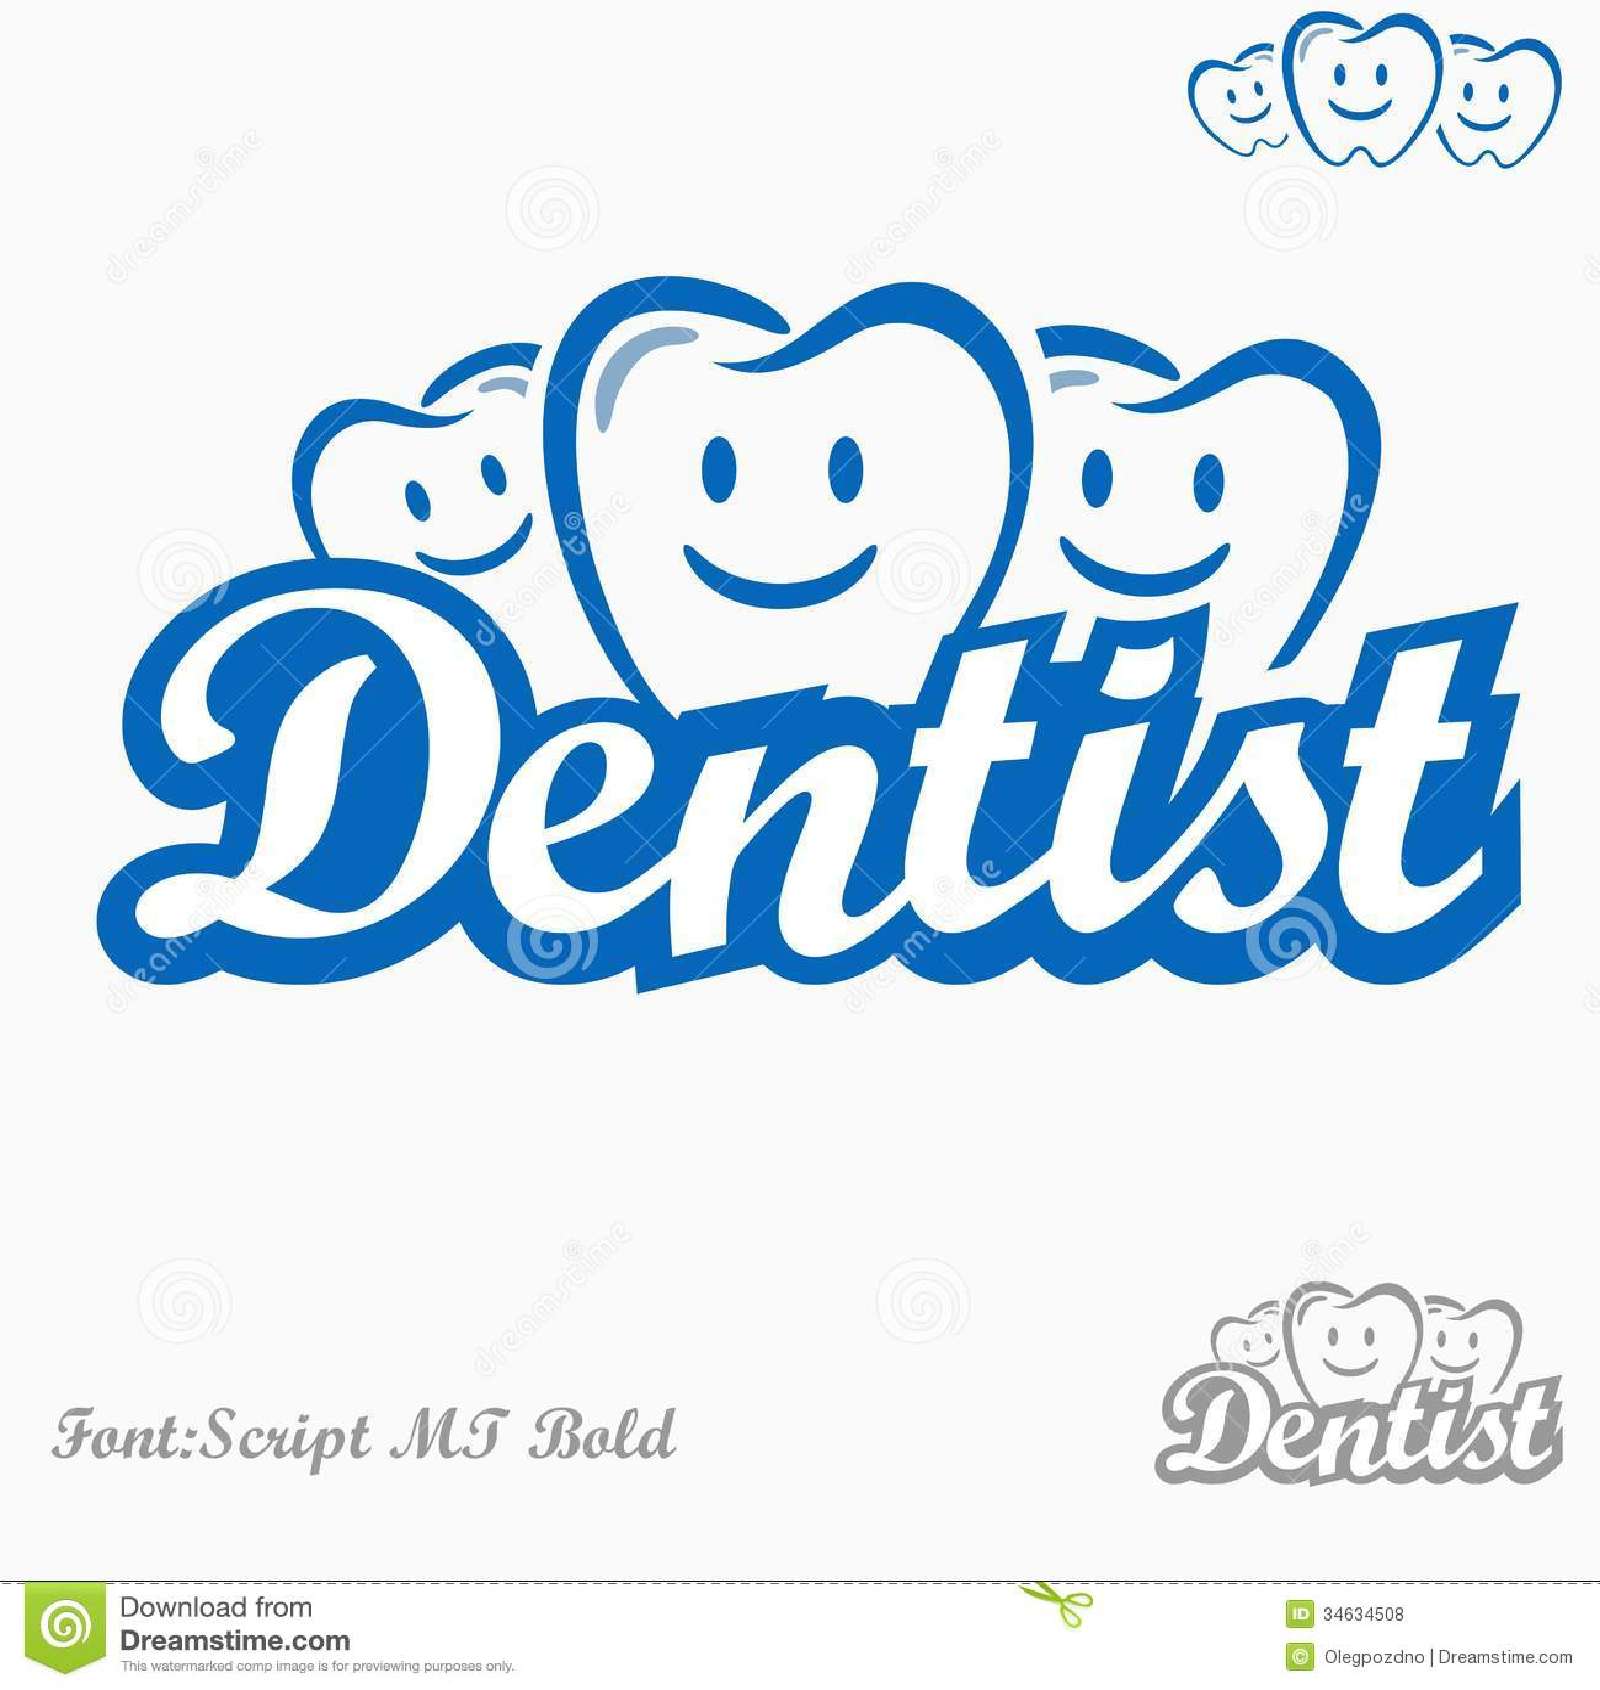 tooth logo clip art - photo #40